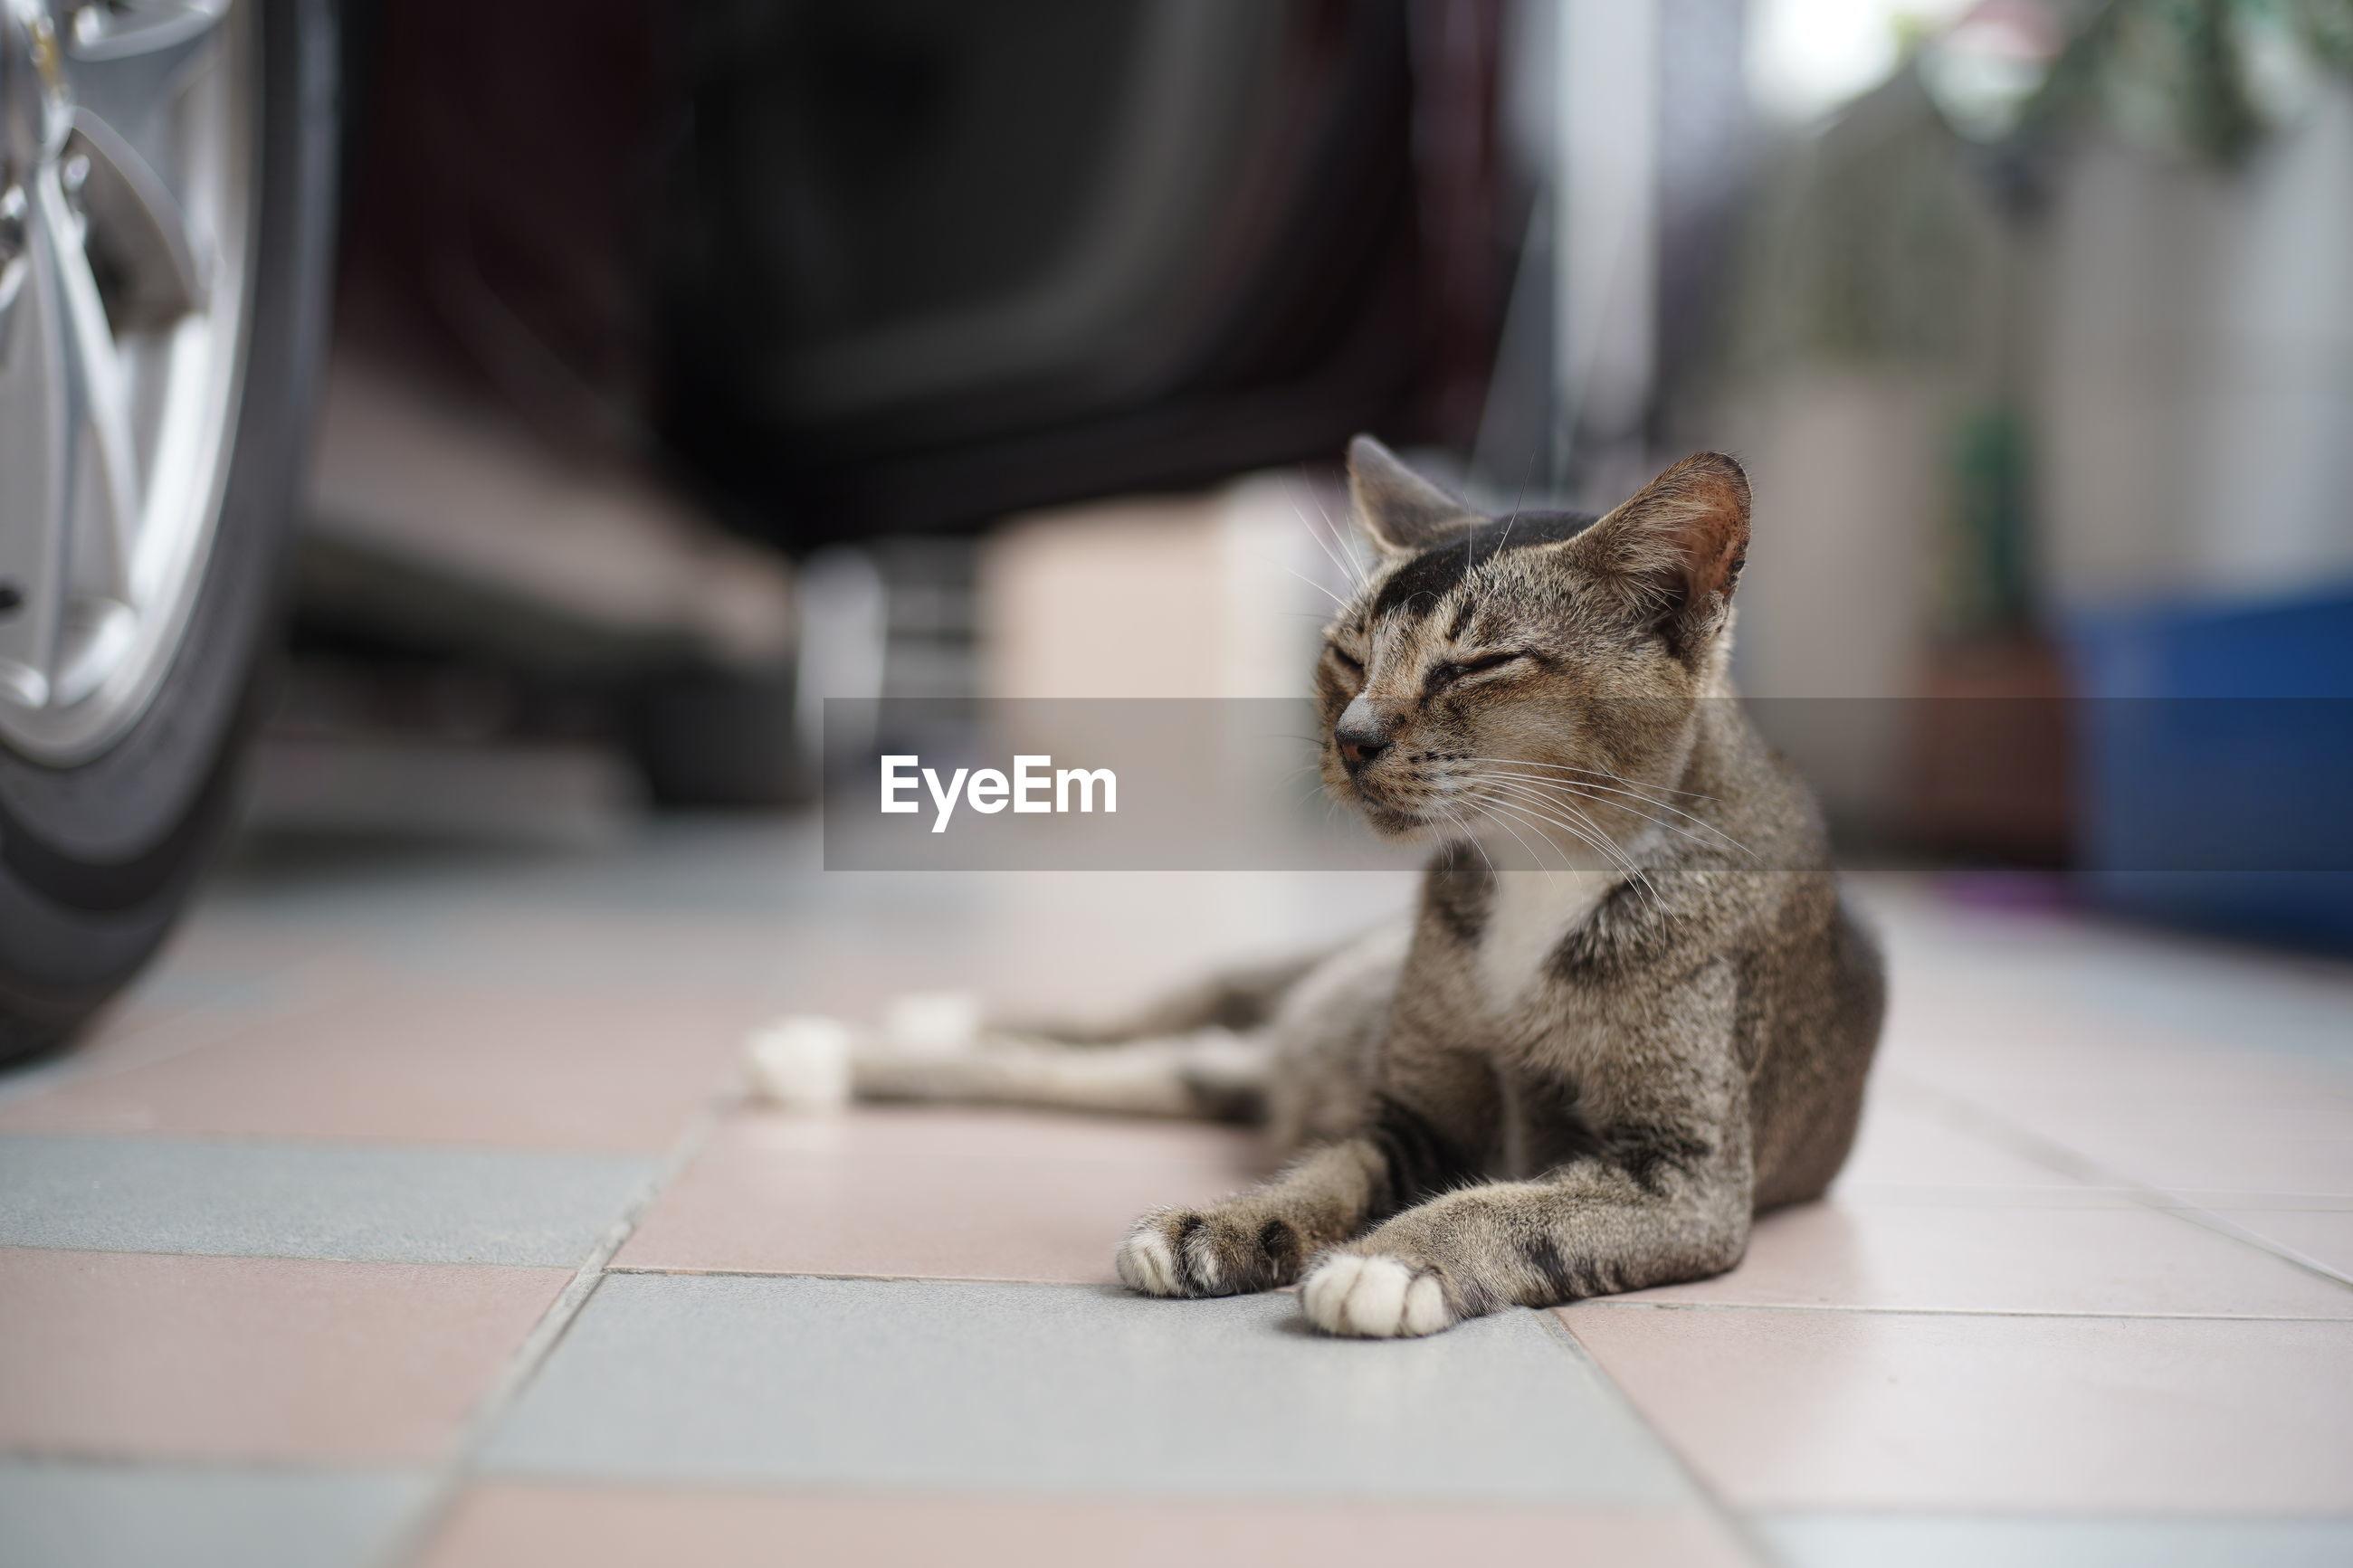 CAT SITTING ON FLOOR IN ROOM